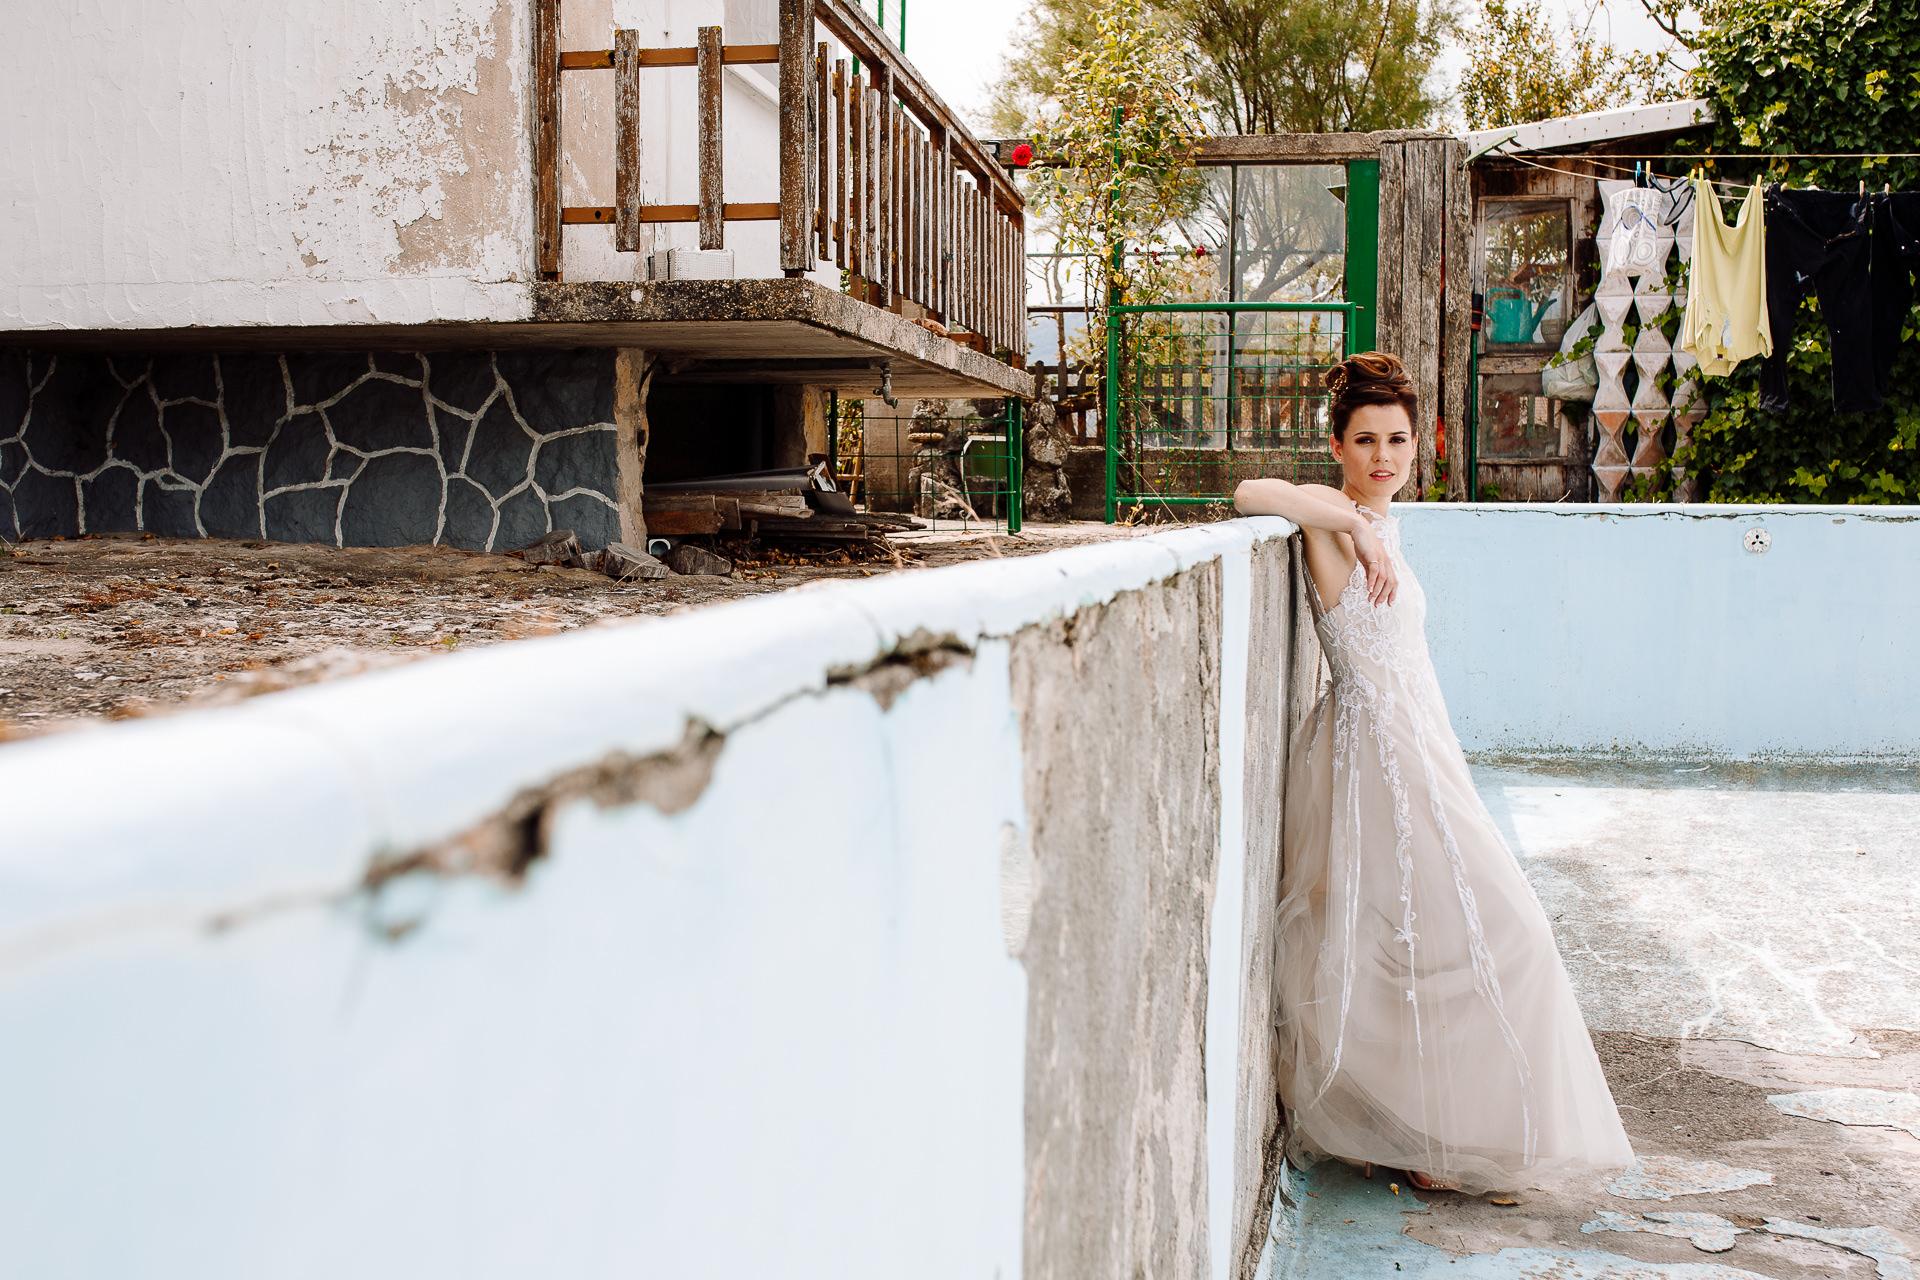 boda rural palacio anuncibai 131806